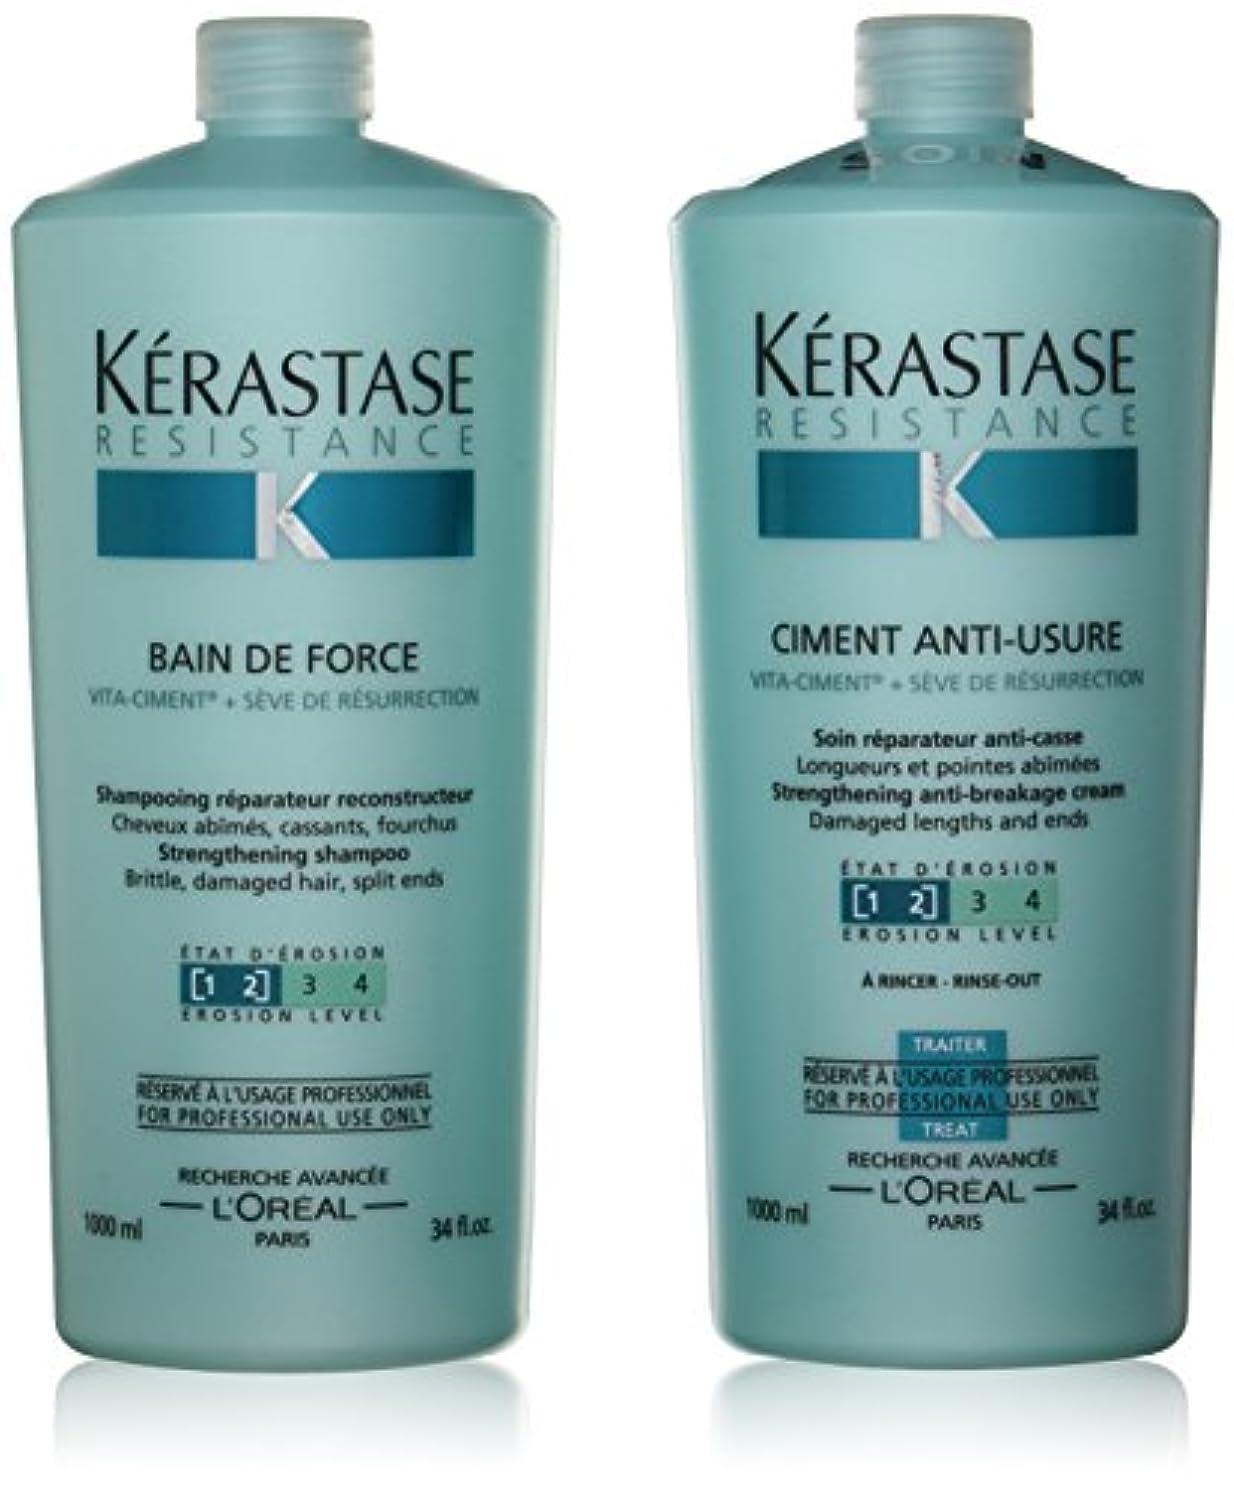 クロス醜いディンカルビルケラスターゼ(KERASTASE) RE(レジスタンス)業務用セット(バンドフォルス、ソワンドフォルス)[並行輸入品]